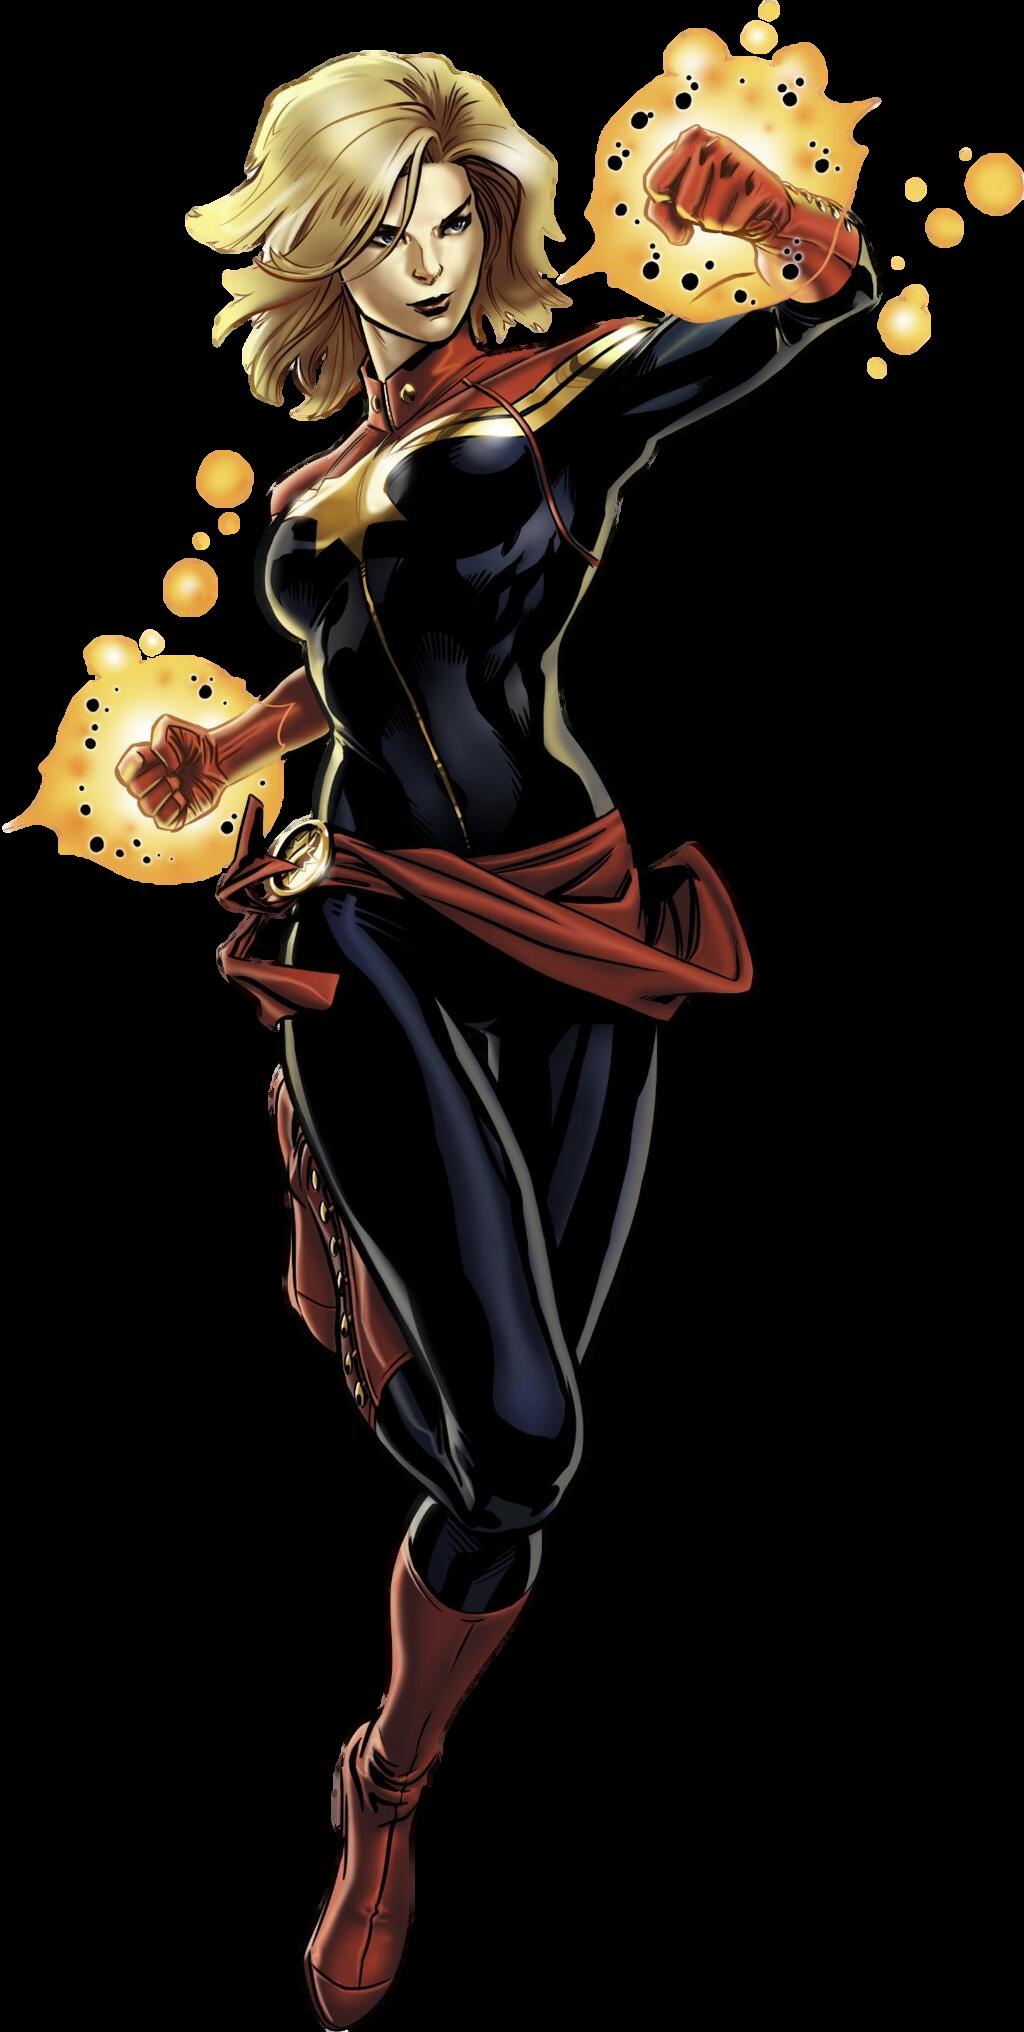 Download Captain Marvel Transparent Background HQ PNG Image | FreePNGImg